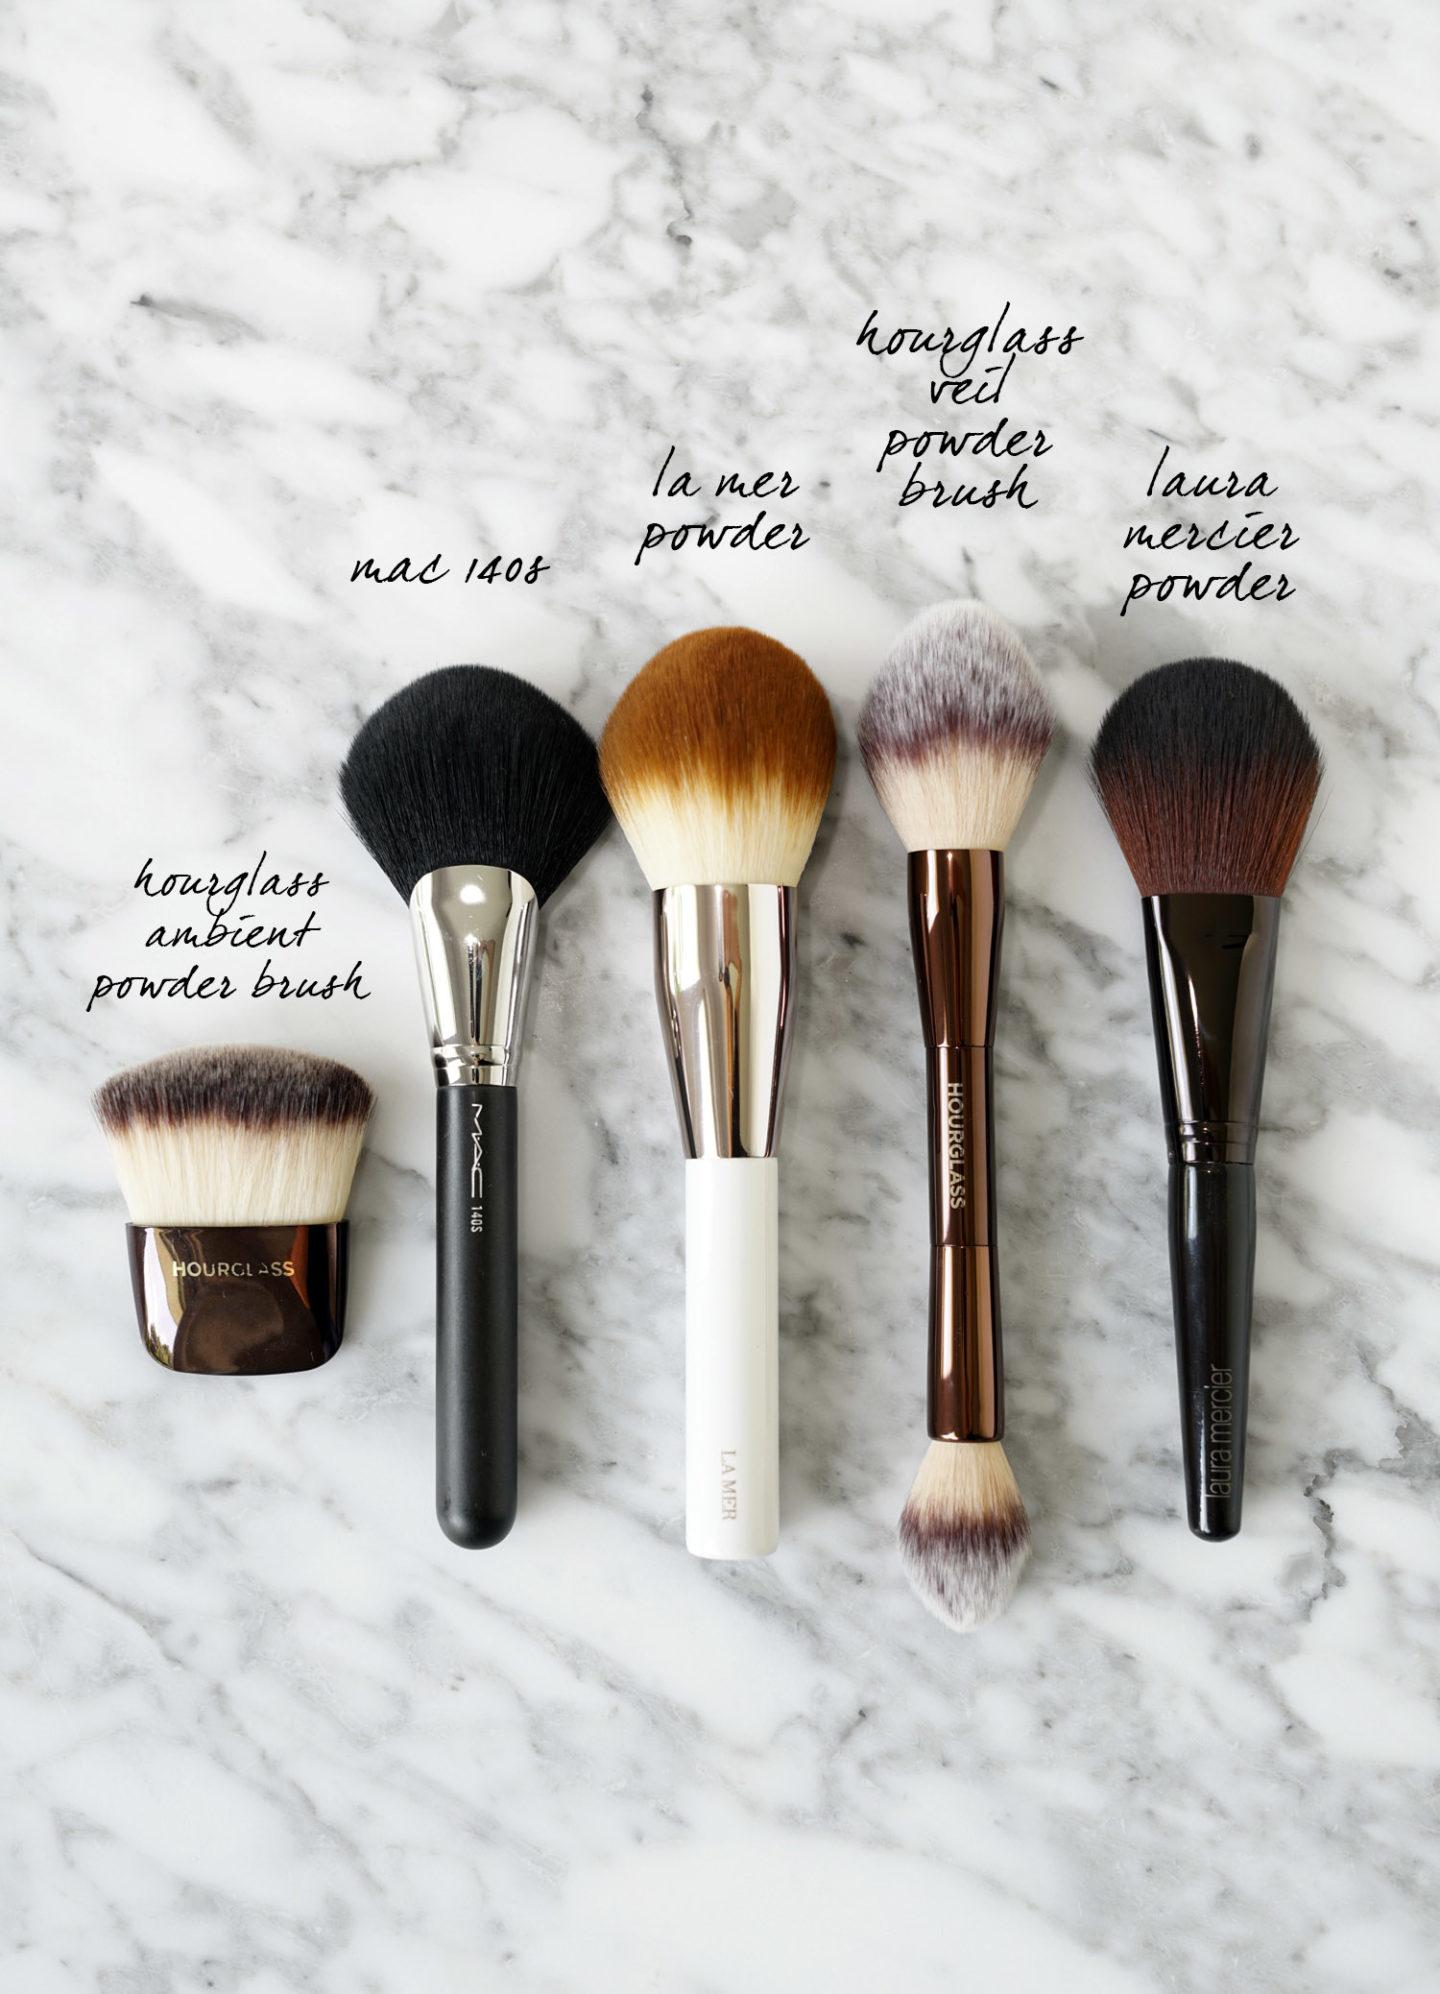 Les meilleurs pinceaux de maquillage en poudre de Hourglass, MAC, La Mer et Laura Mercier